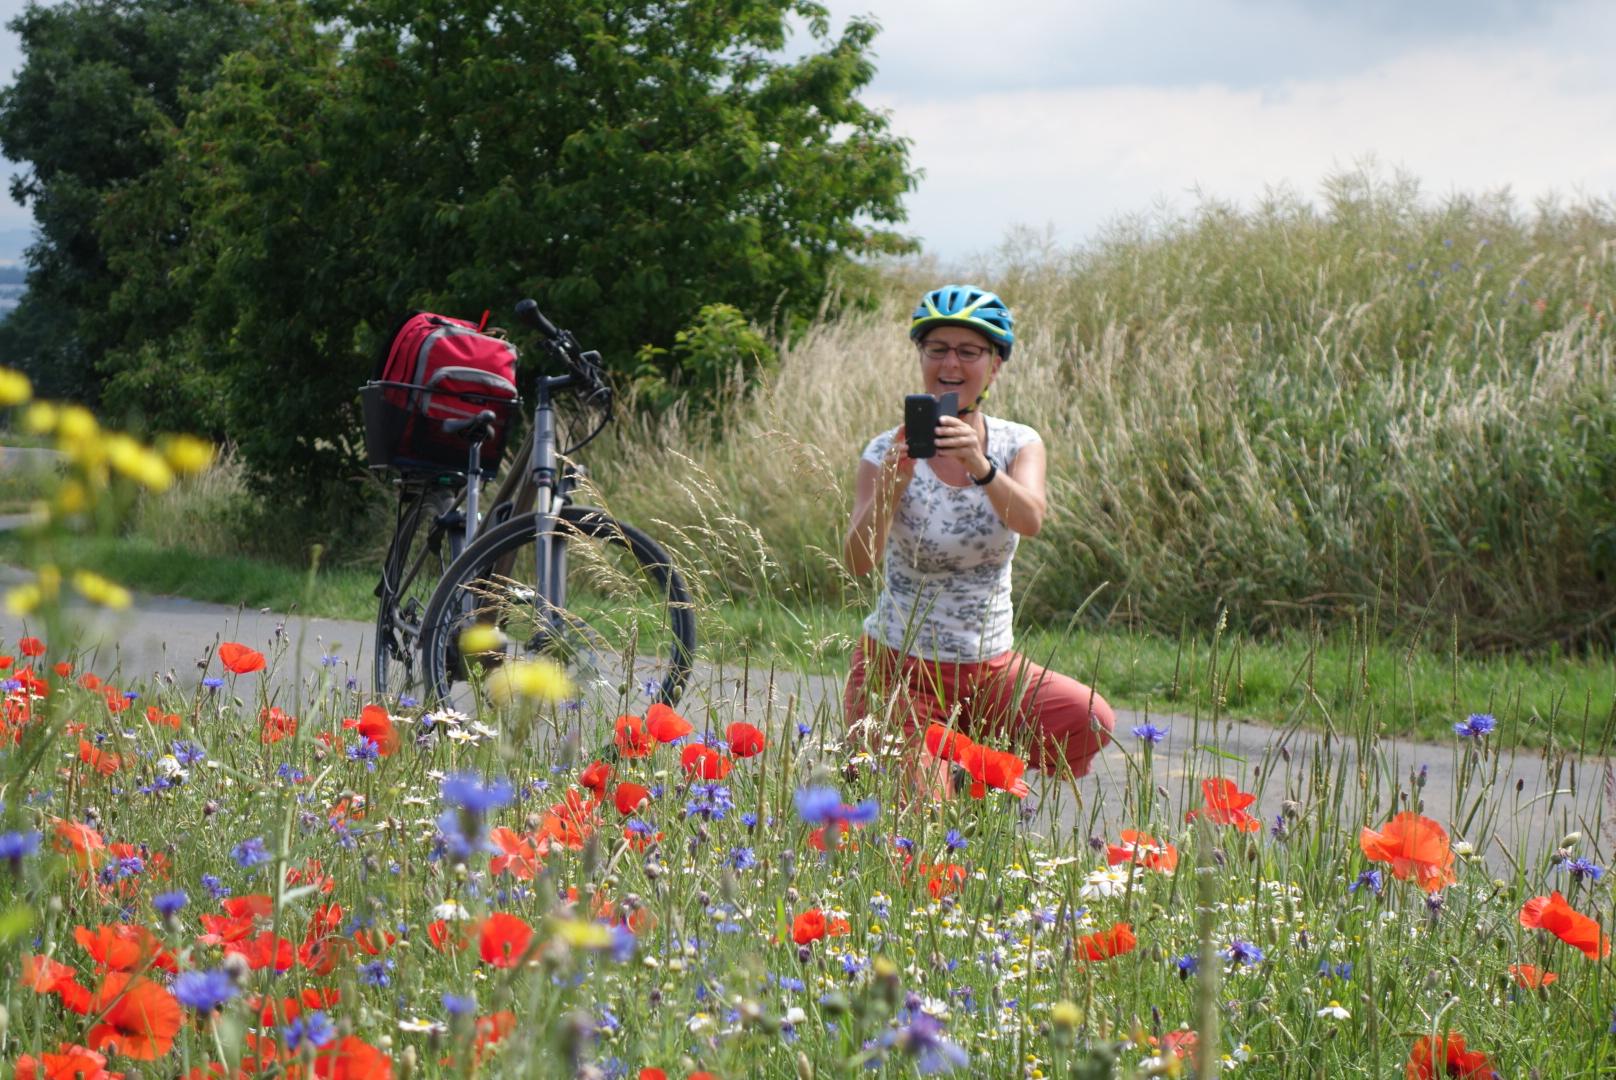 Radfahrerin fotografiert Blumenwiese